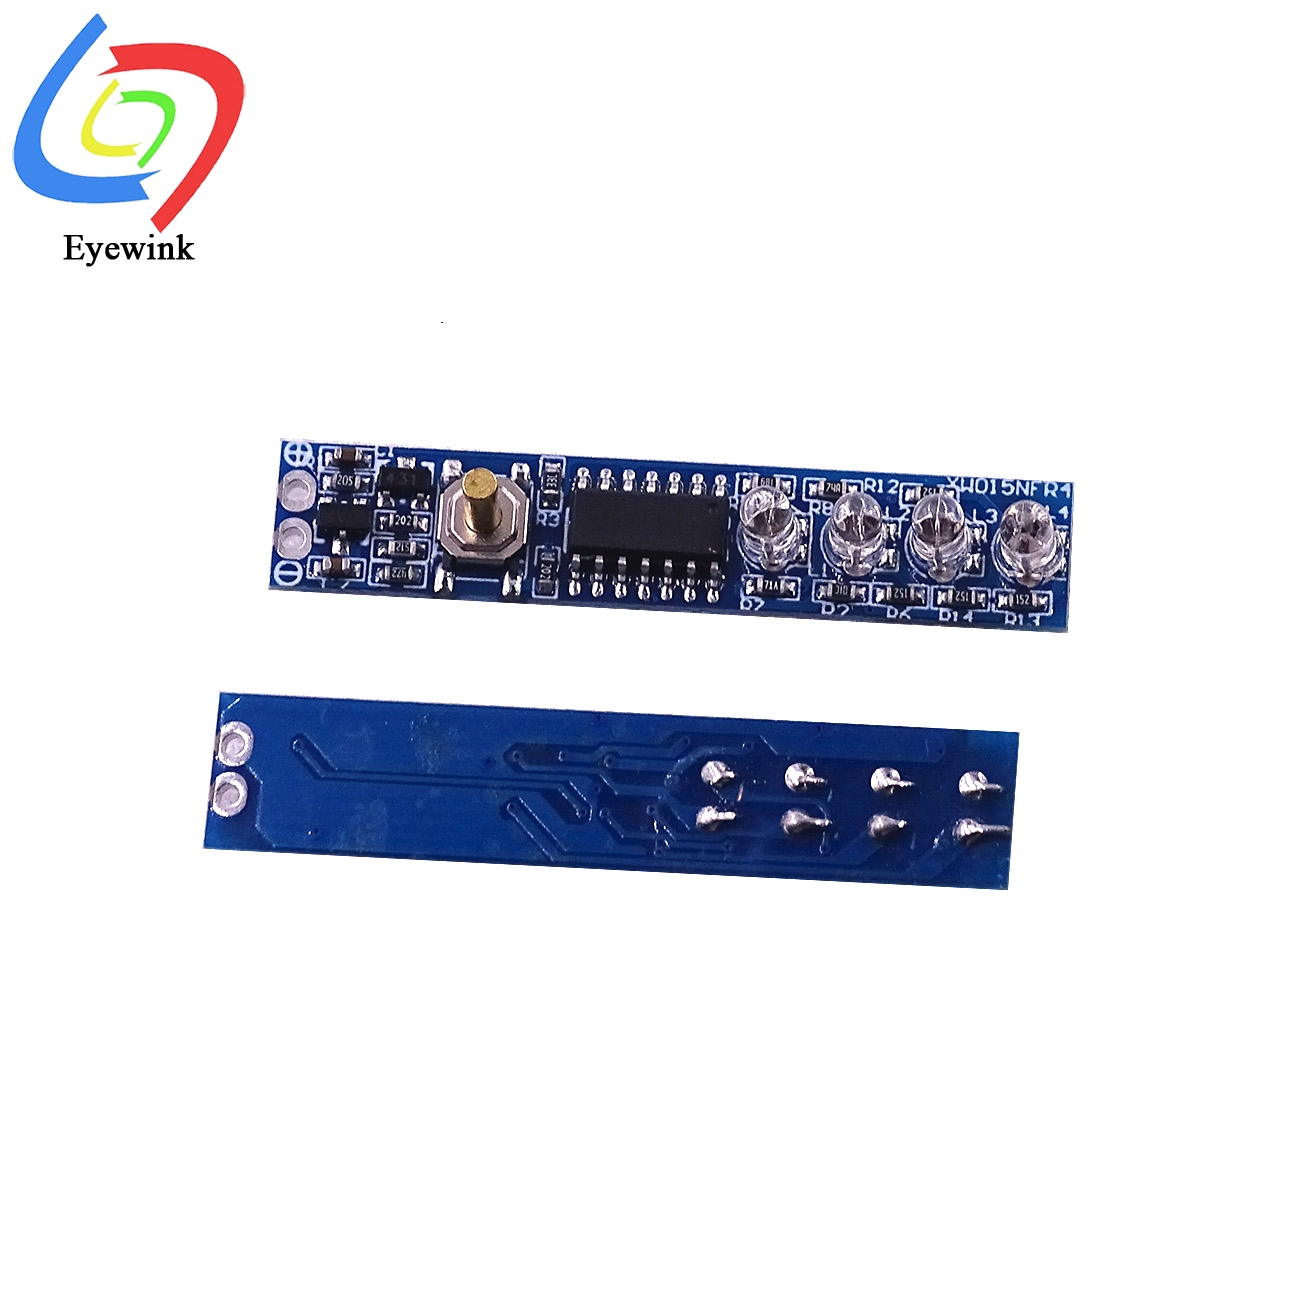 1S до 5s литиевый индикатор емкости батареи тестер светодиодный дисплей доска индикатор уровня заряда для 18650 литий ионная lipo батарея|Детали и аксессуары для приборов|   | АлиЭкспресс